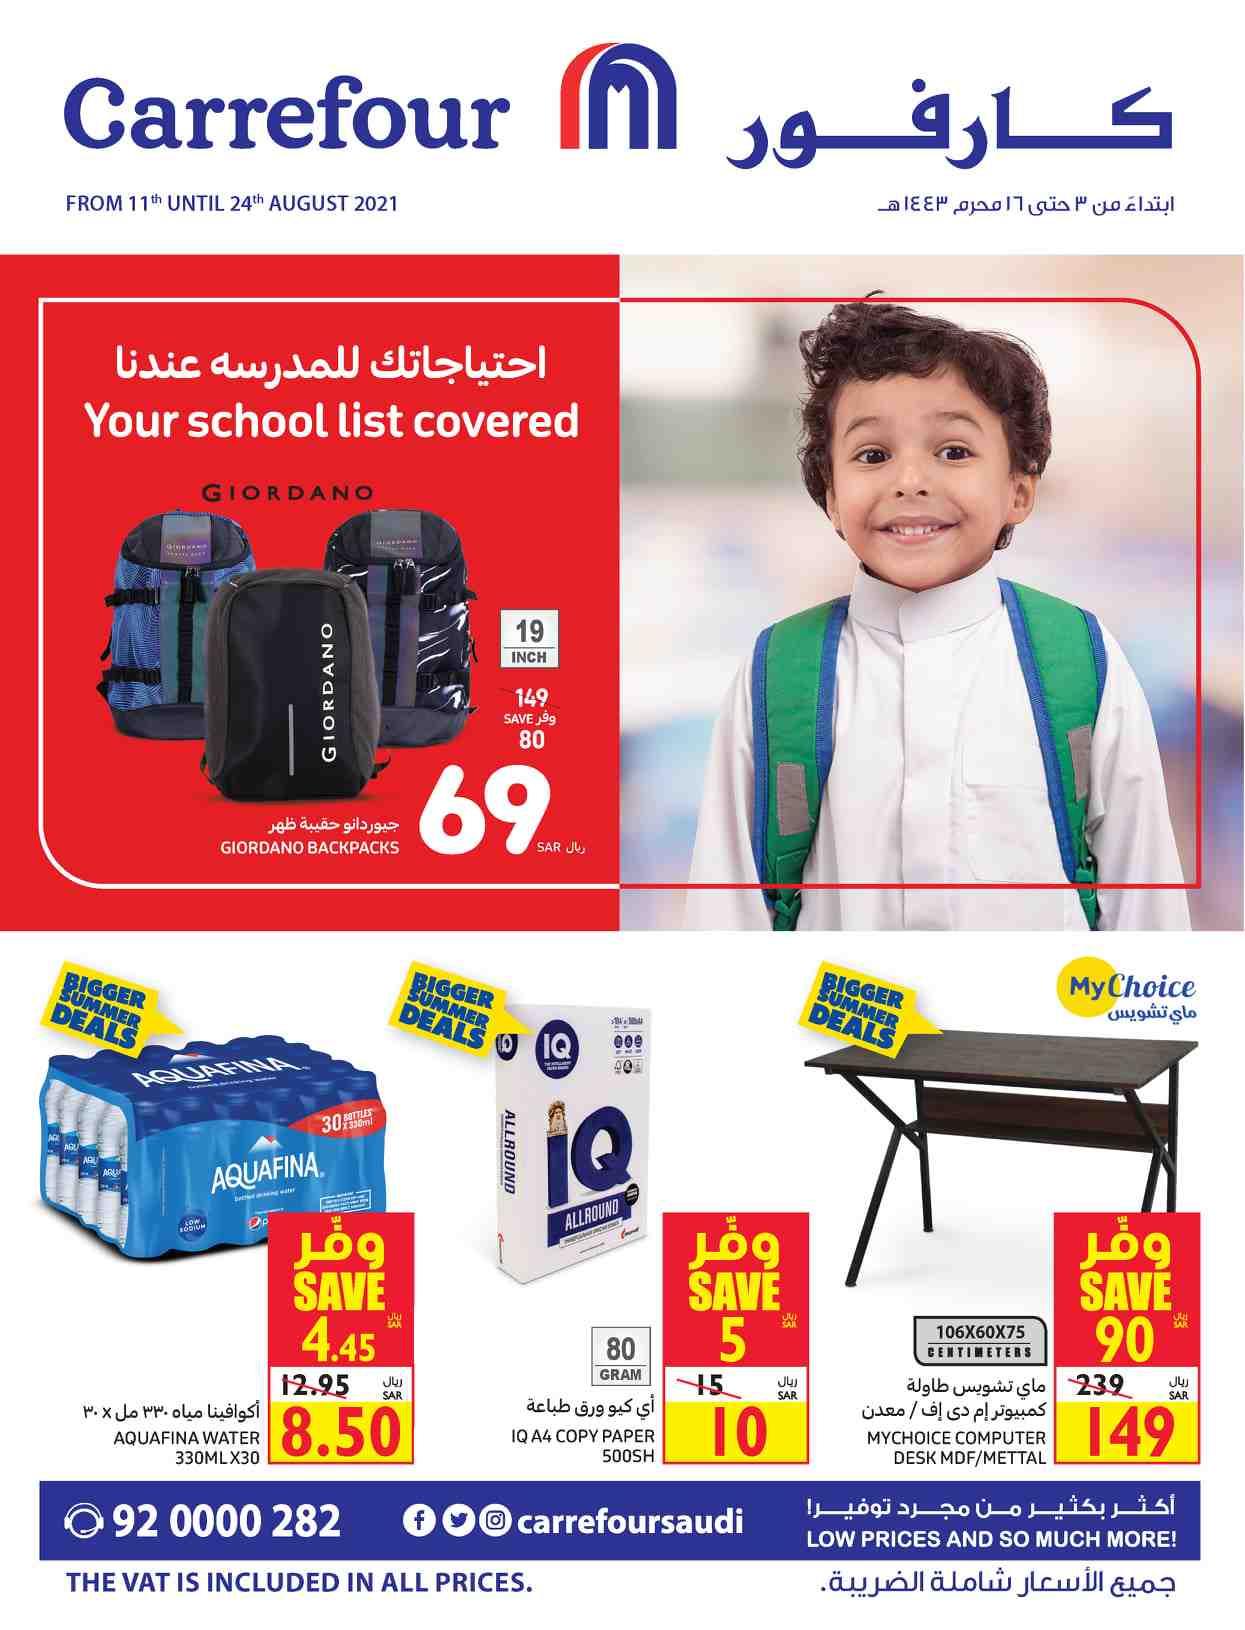 عروض كارفور السعودية اليوم 11 اغسطس حتى 24 اغسطس 2021 الرجعة للمدرسة